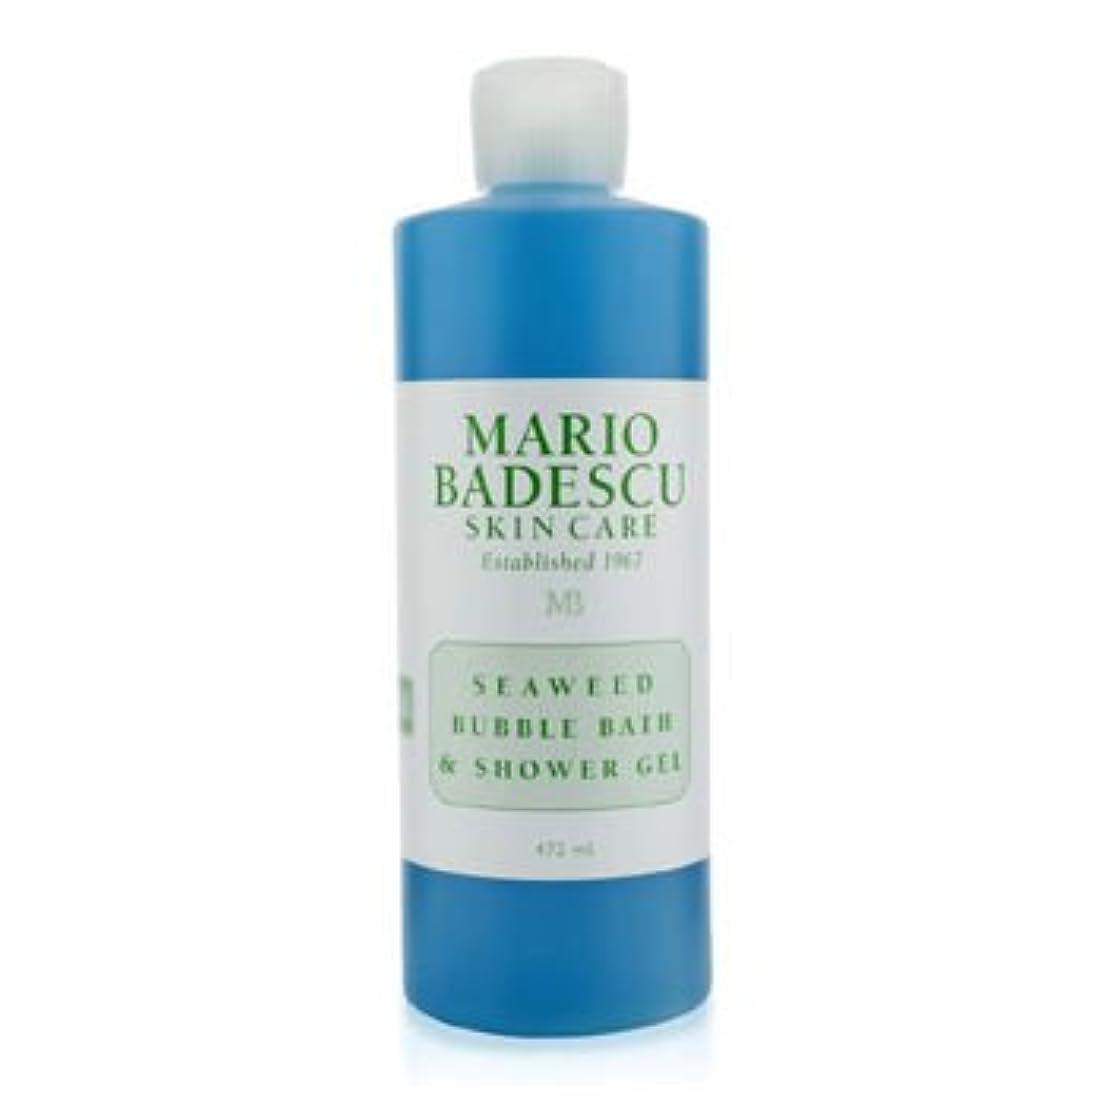 負荒野ひどく[Mario Badescu] Seaweed Bubble Bath & Shower Gel 472ml/16oz